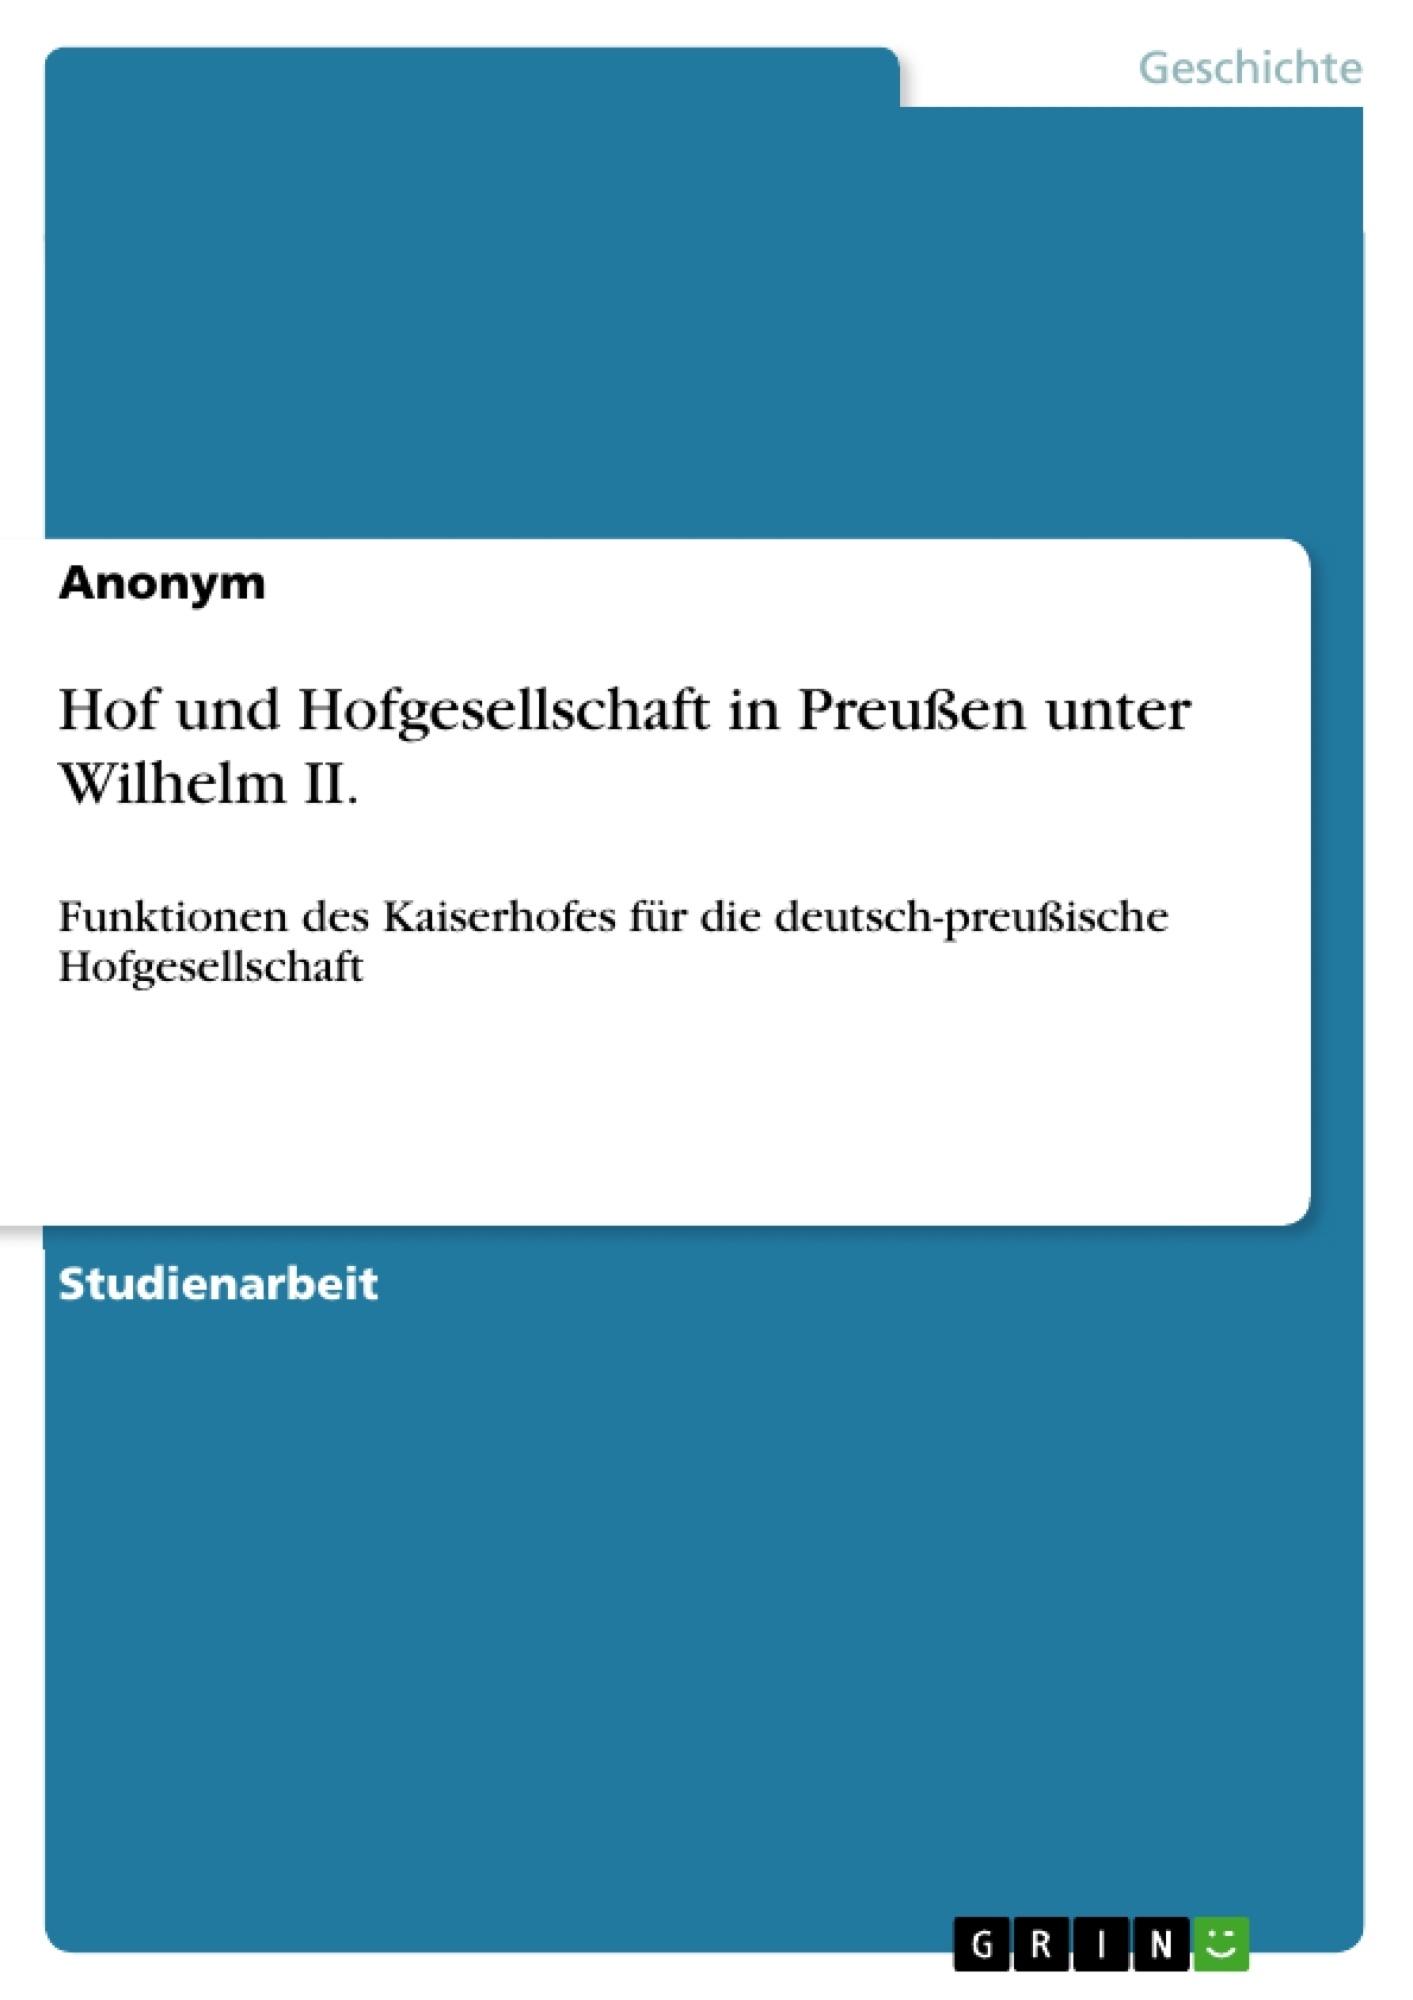 Titel: Hof und Hofgesellschaft in Preußen unter Wilhelm II.